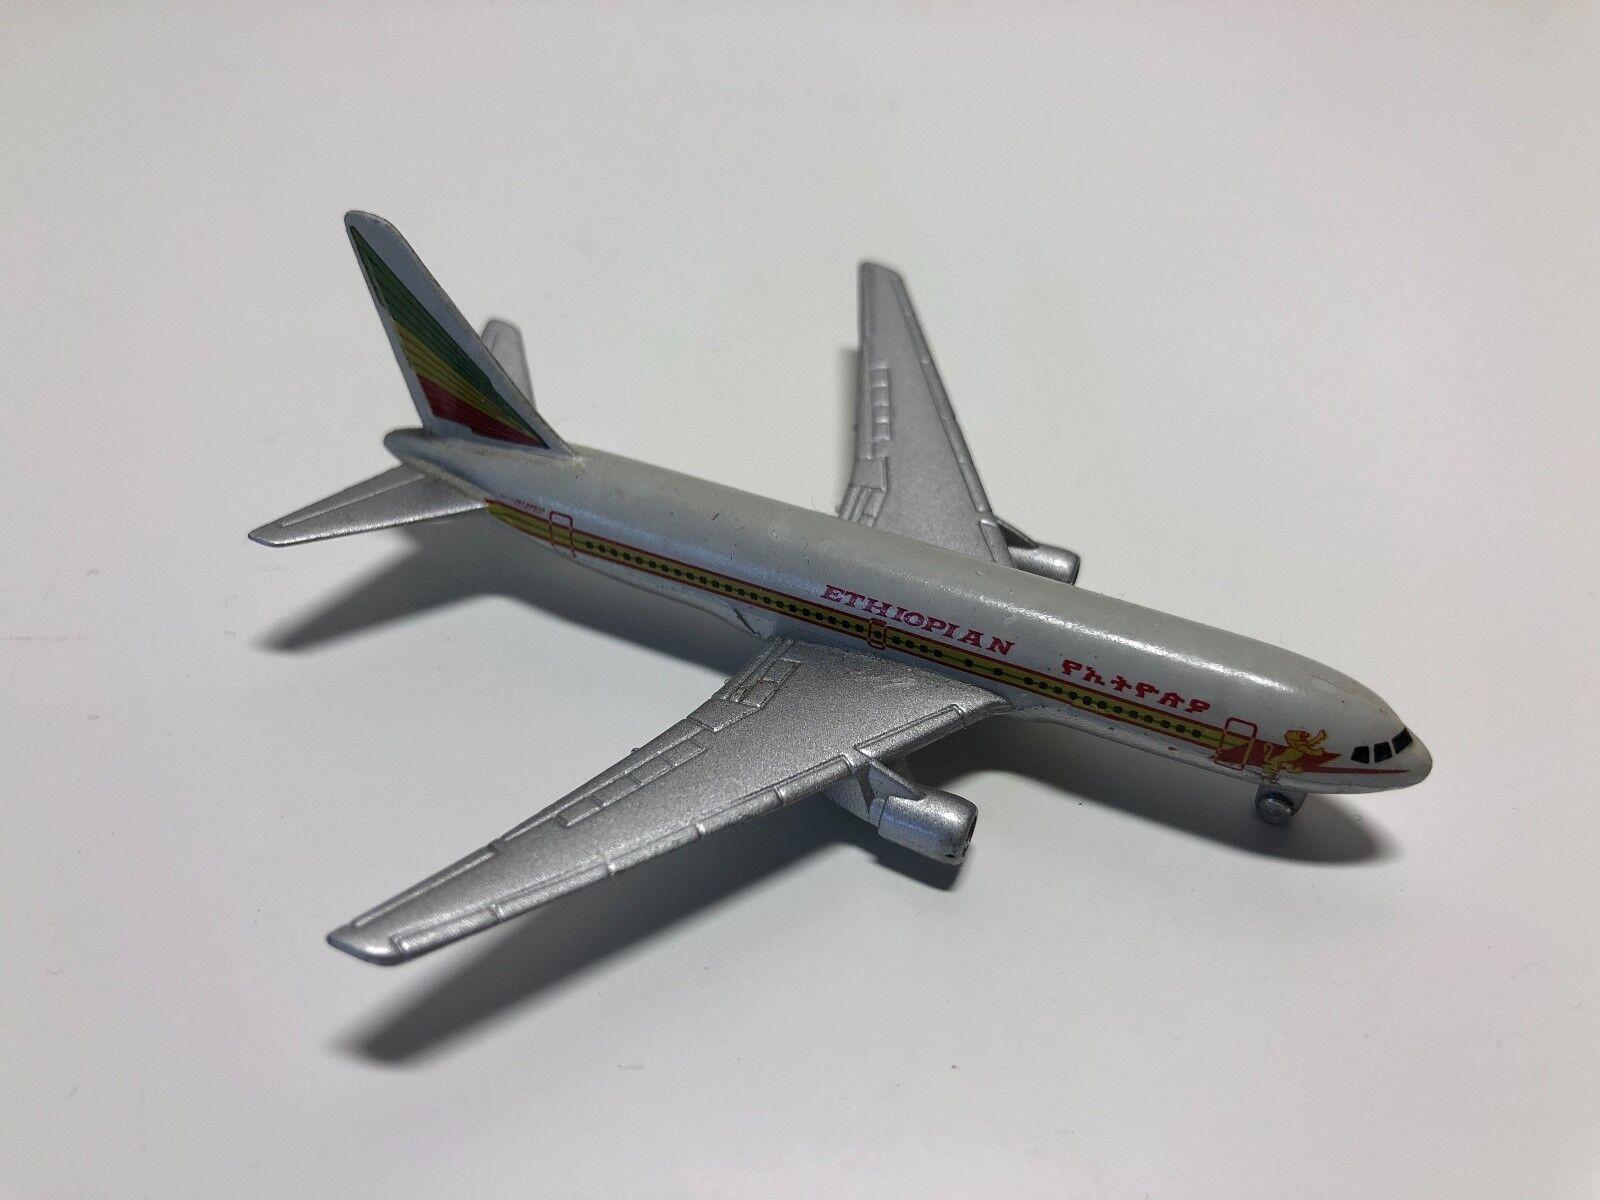 Occasion - Miniature Avion Éthiopien - Boeing 767 - SCHABAK 907 - Avion | Outlet Store Online  | Bon Marché  | Les Produits De Base Sont  | Matériaux Sélectionnés Avec Soin